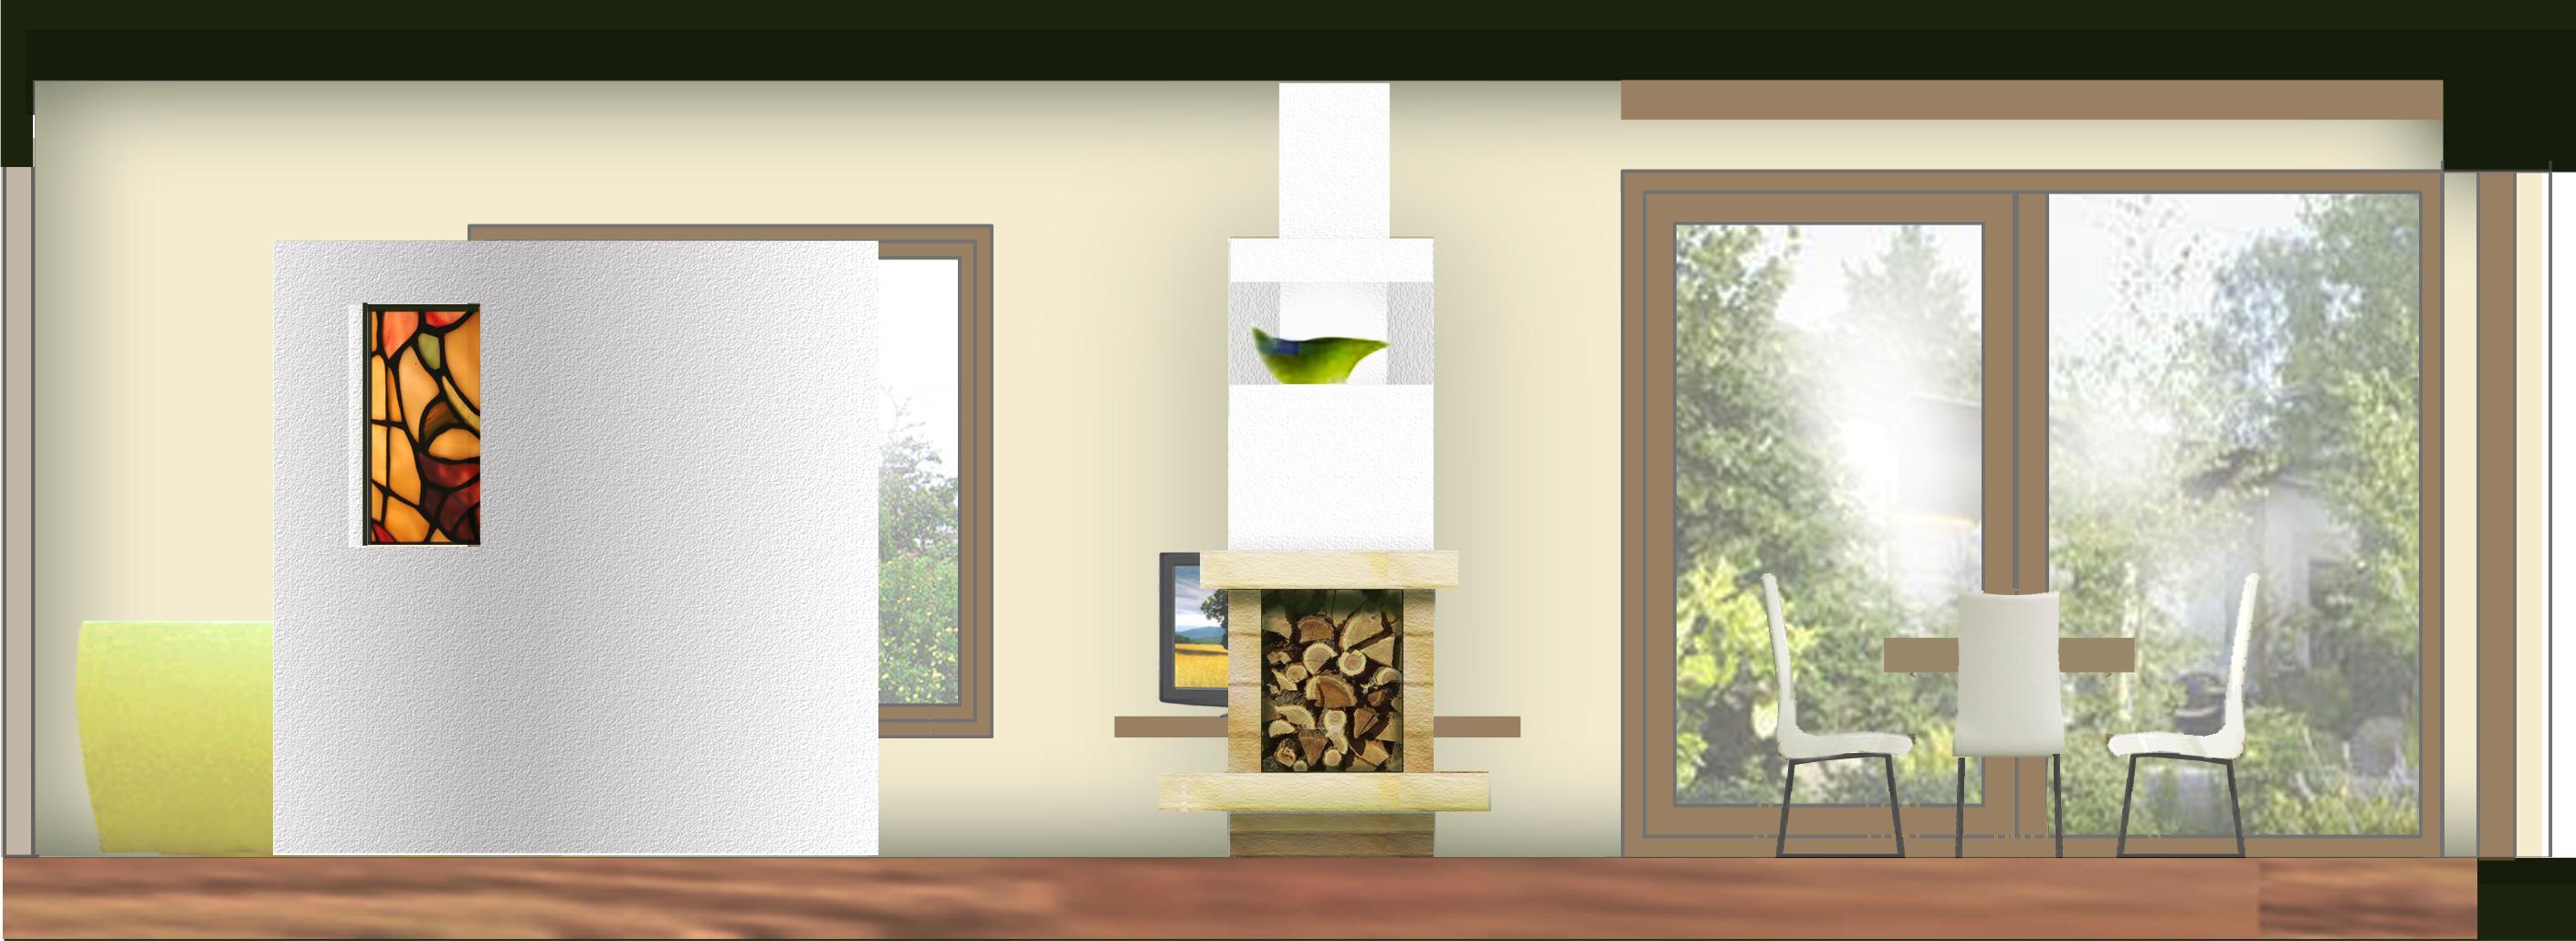 pohled z hlavního průchodu - na dělící stěnu s vitráží (odděluje prostor sedacího koutu) a jídelní kout